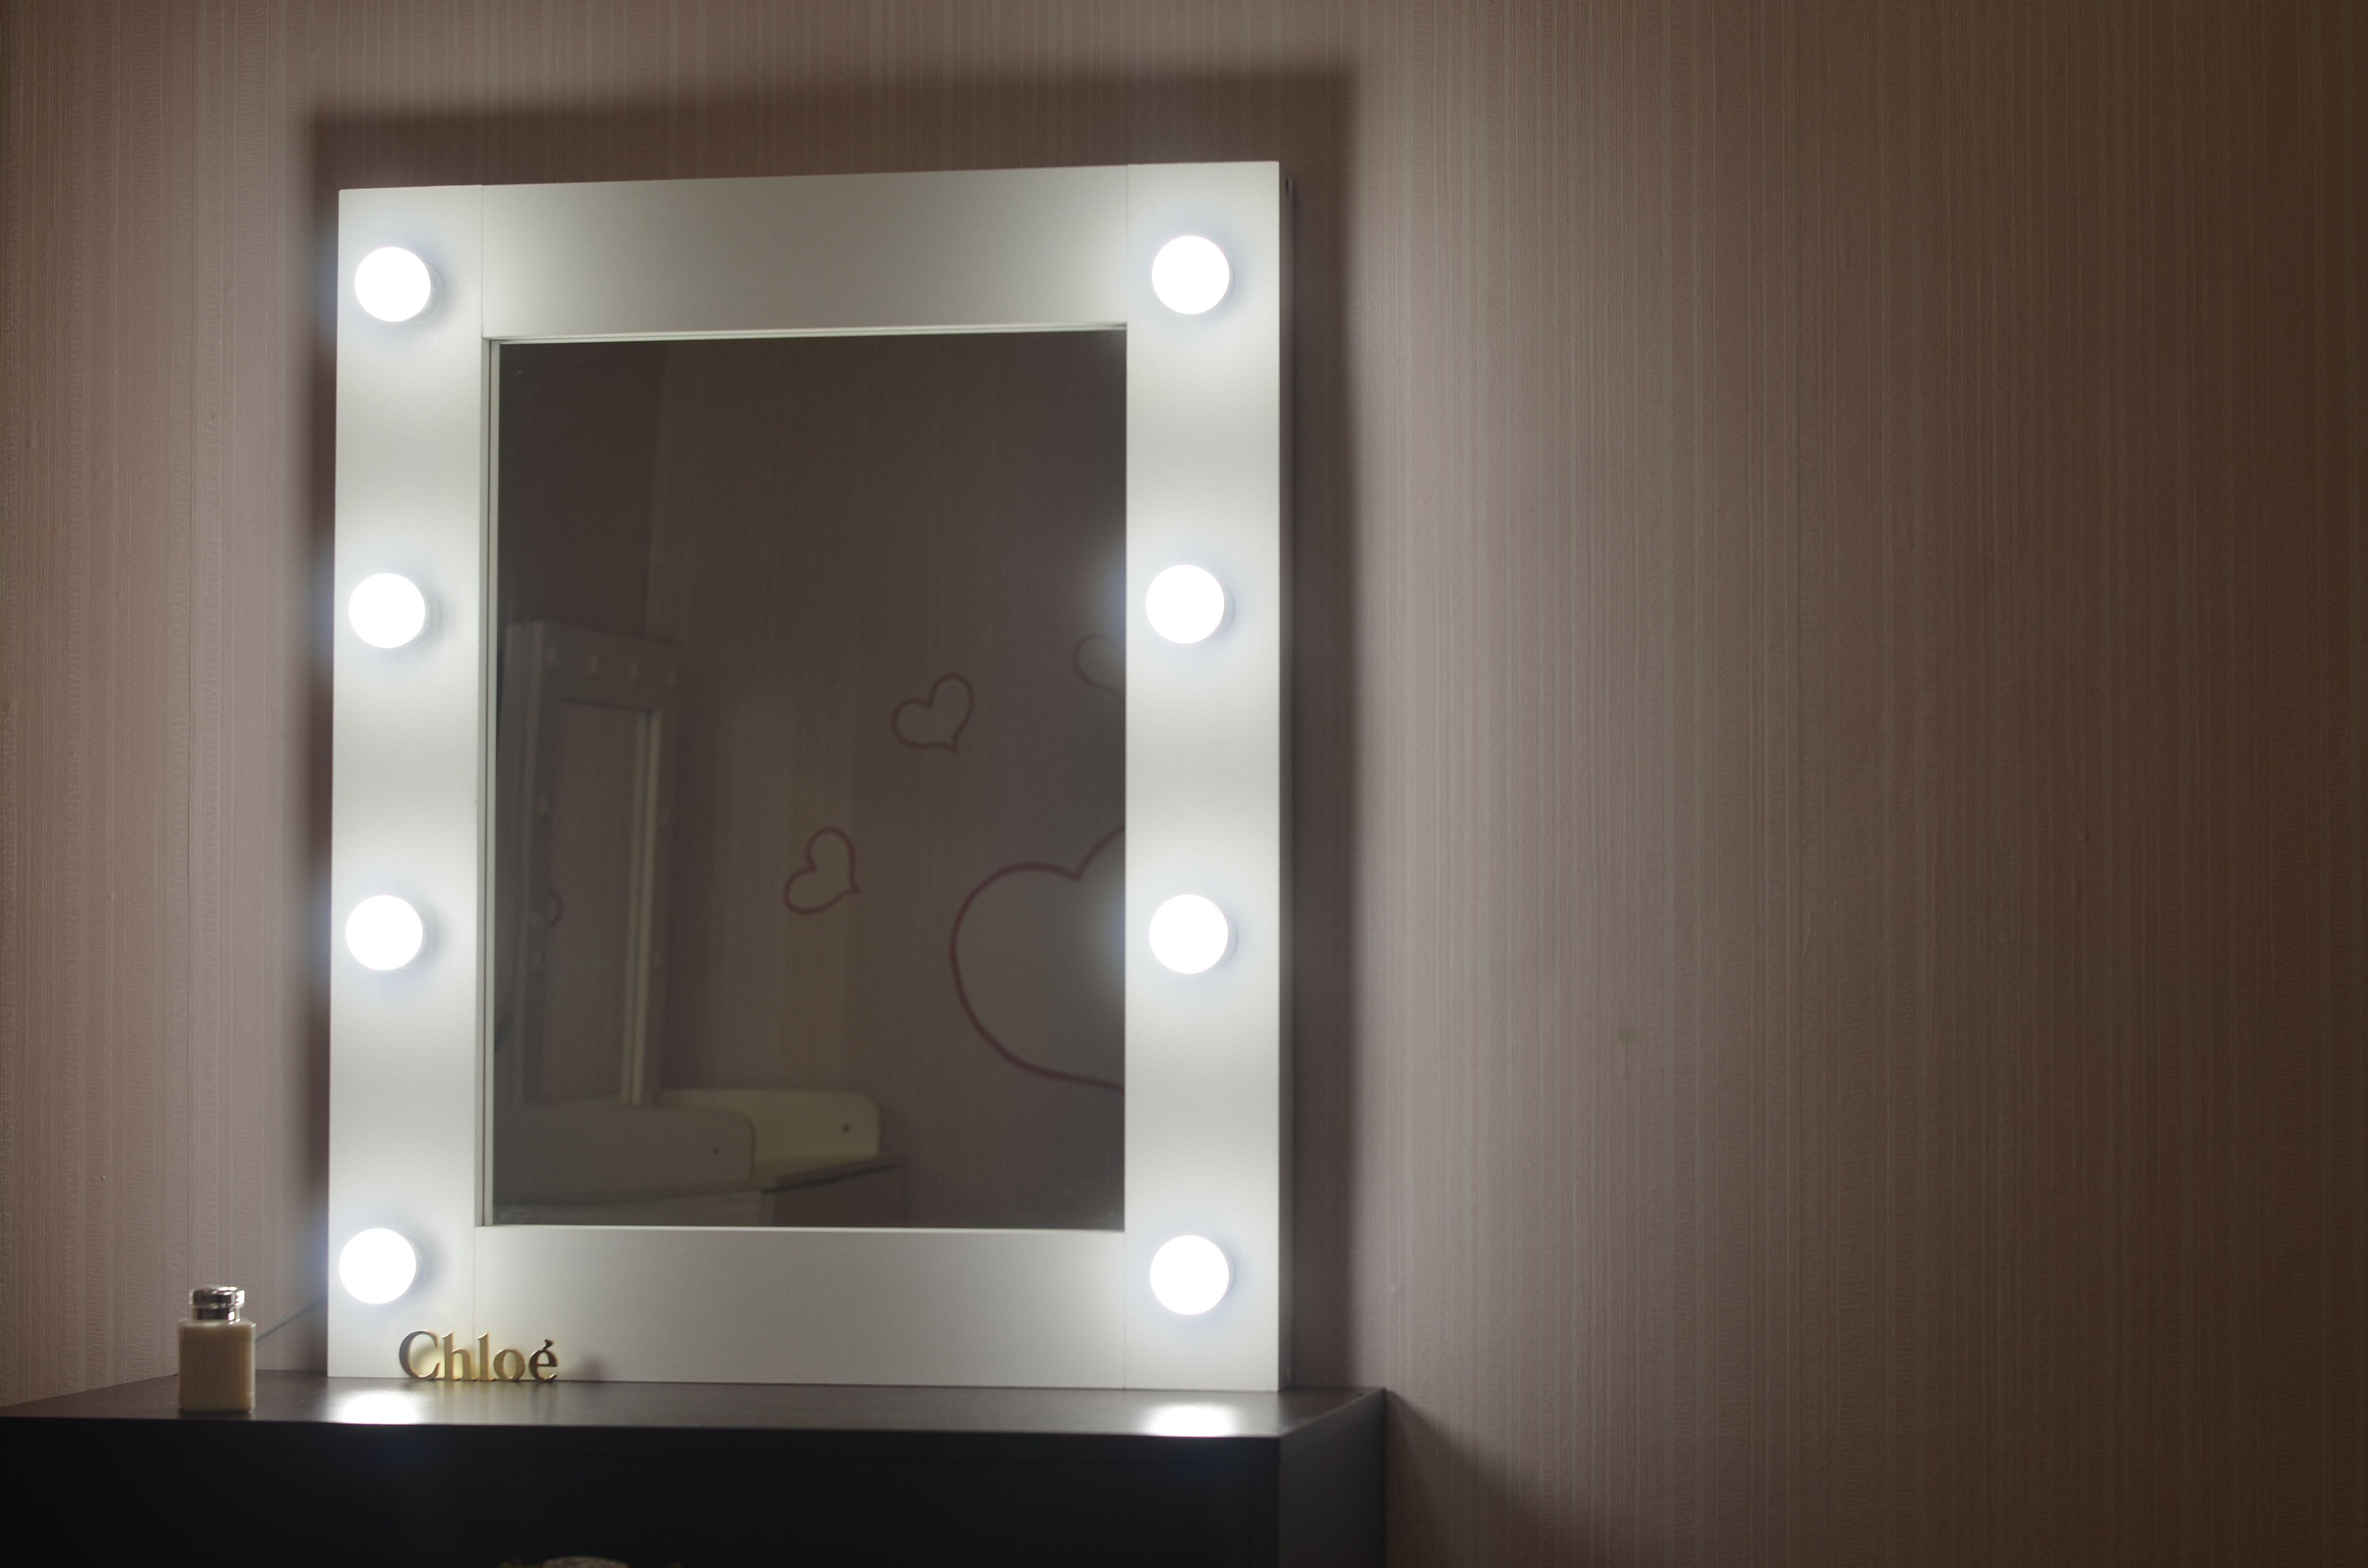 мебель селфизеркало гримерноезеркало зеркалосподсветкой гримепныйстол зеркаловизажиста интерьер подарок